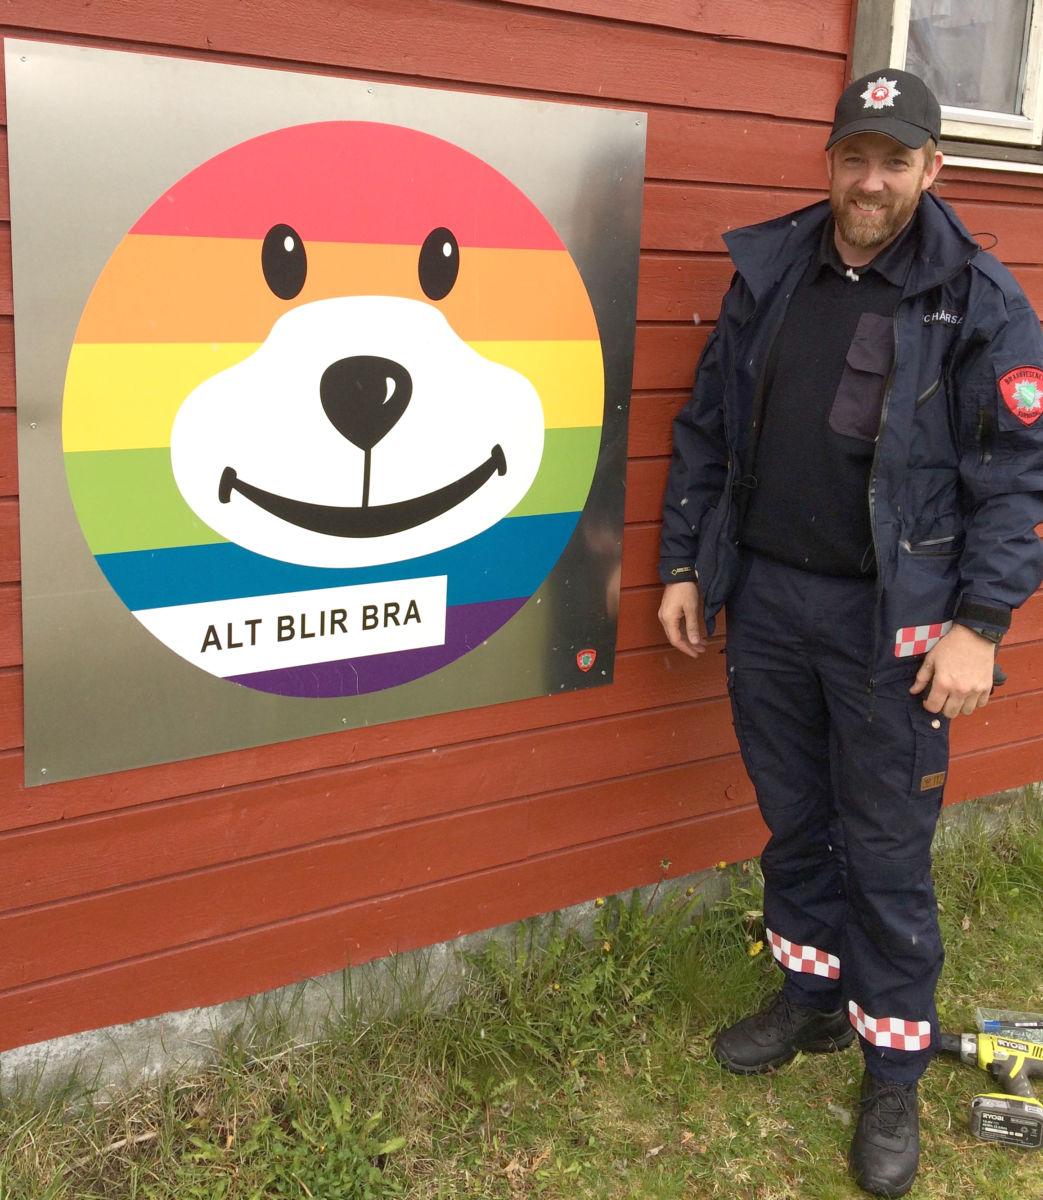 Positivt innslag i kvardagen - Bjørnis minner oss om at vi skal være positive.  Foto: Jorunn Nordvik